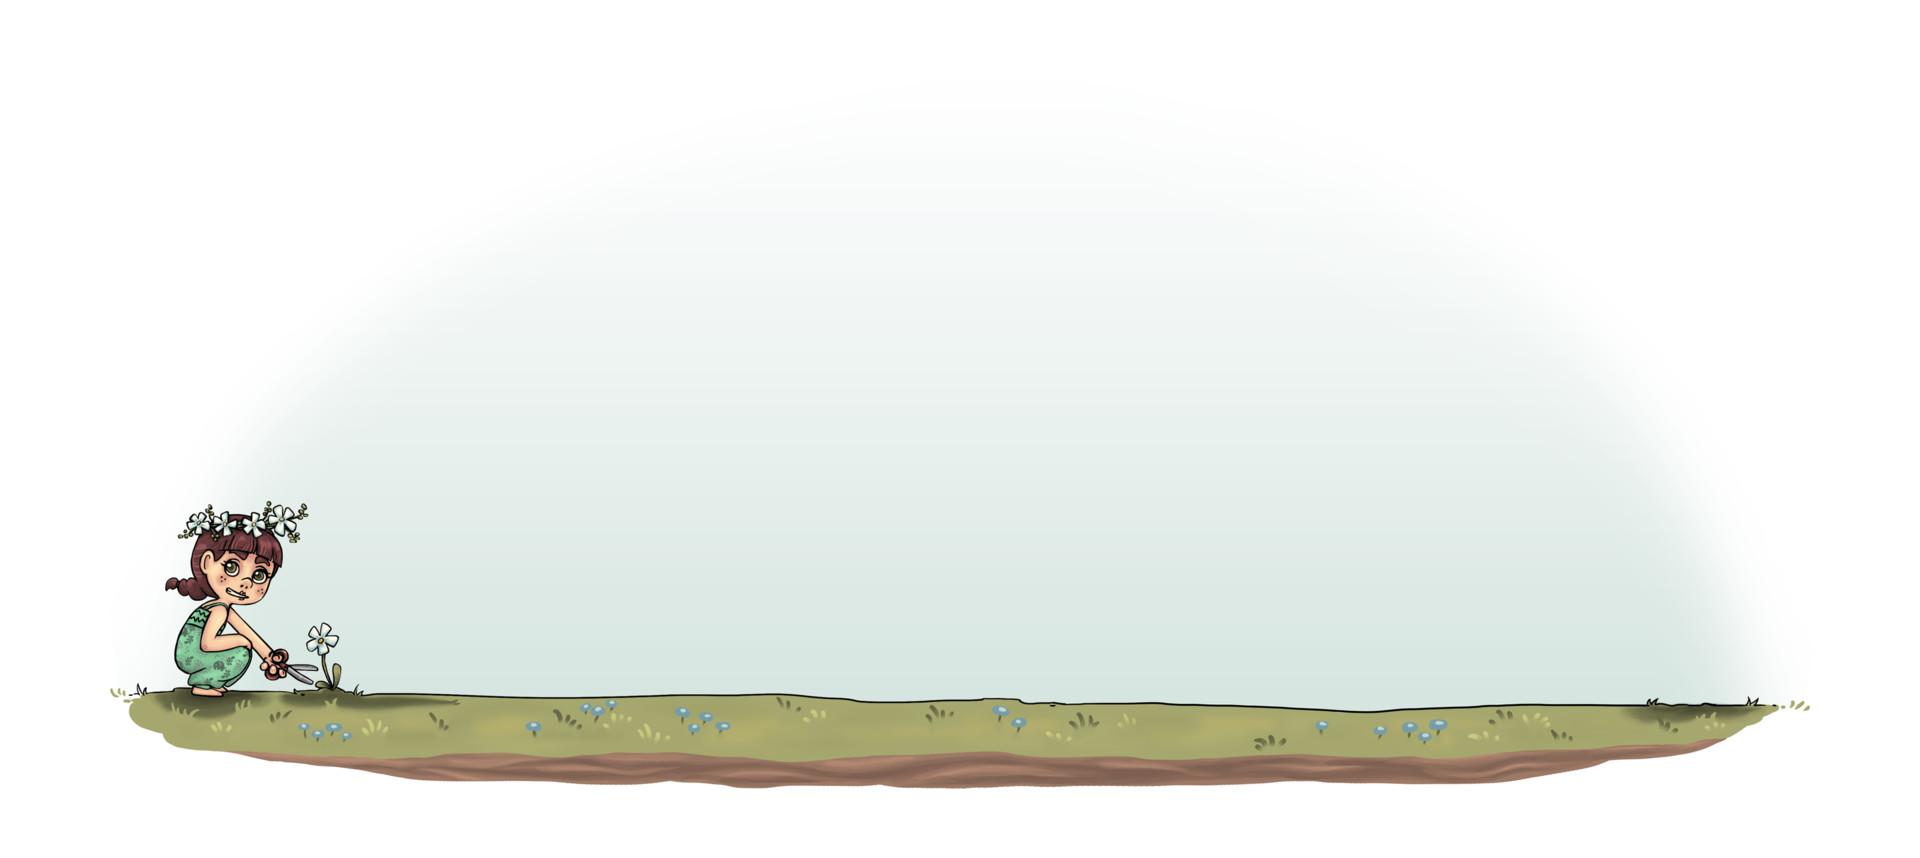 Swetlana rahn cover